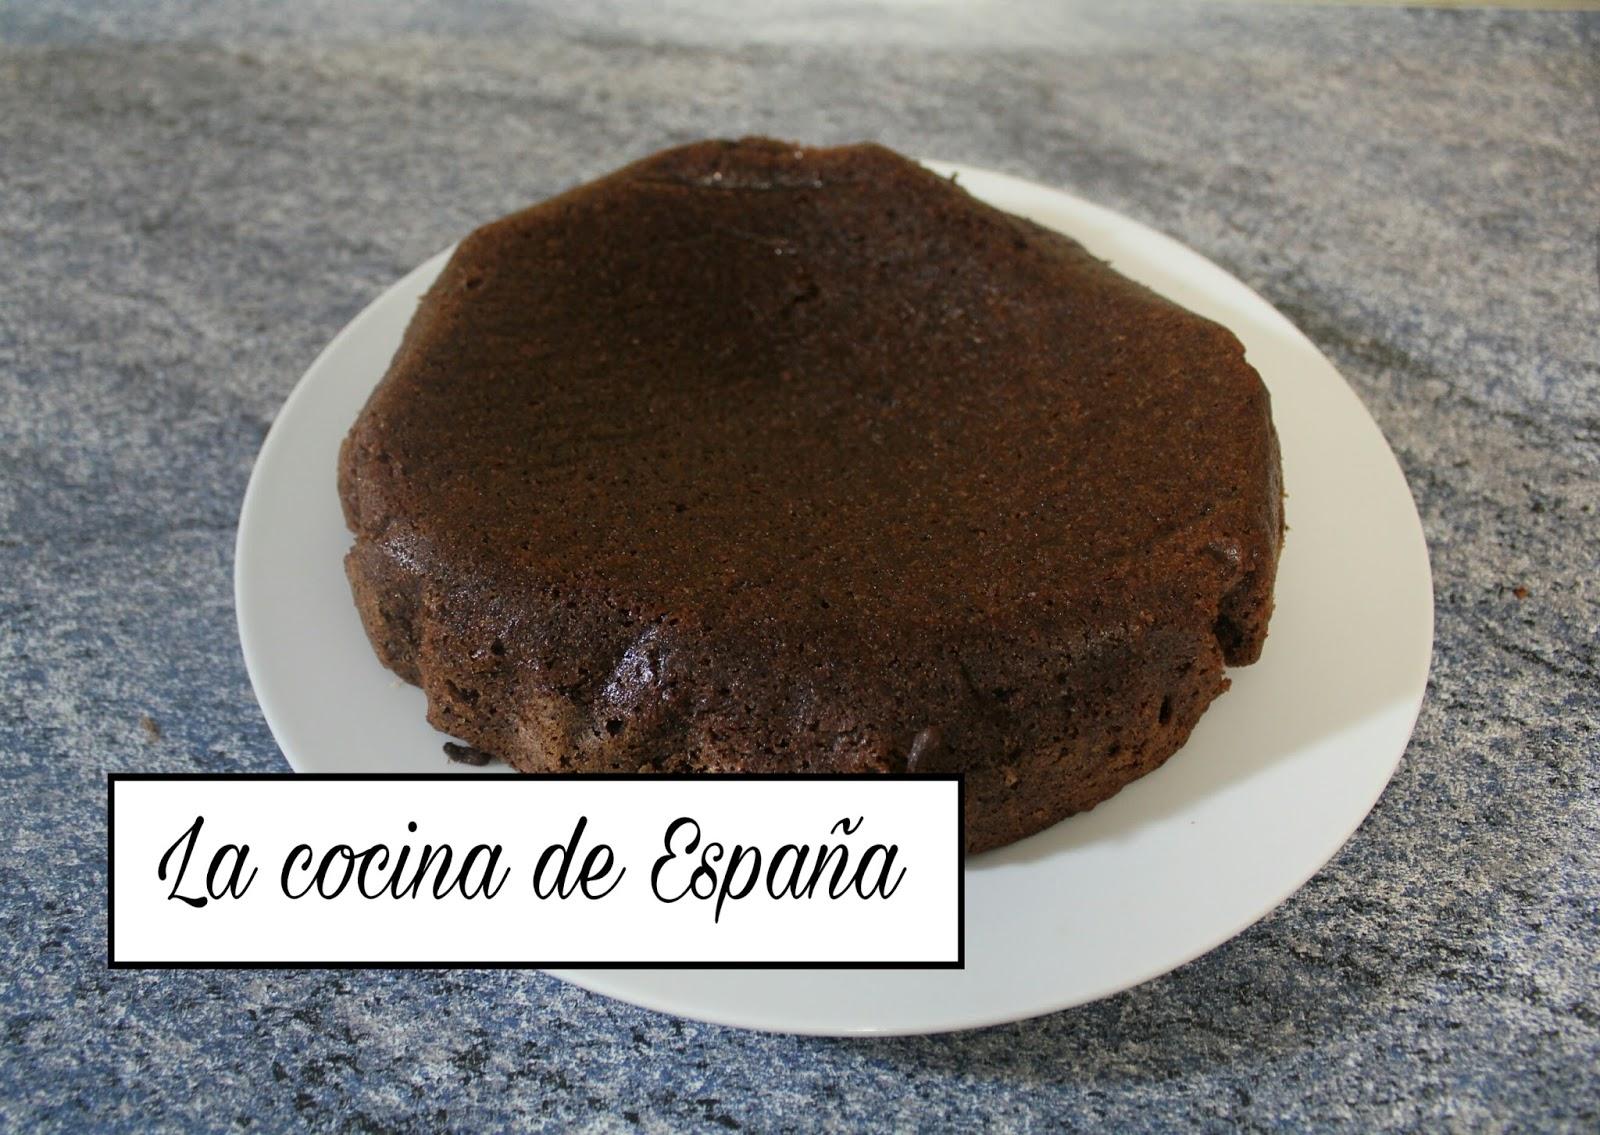 La cocina de espa a bizcocho de chocolate - La cocina madrid ...